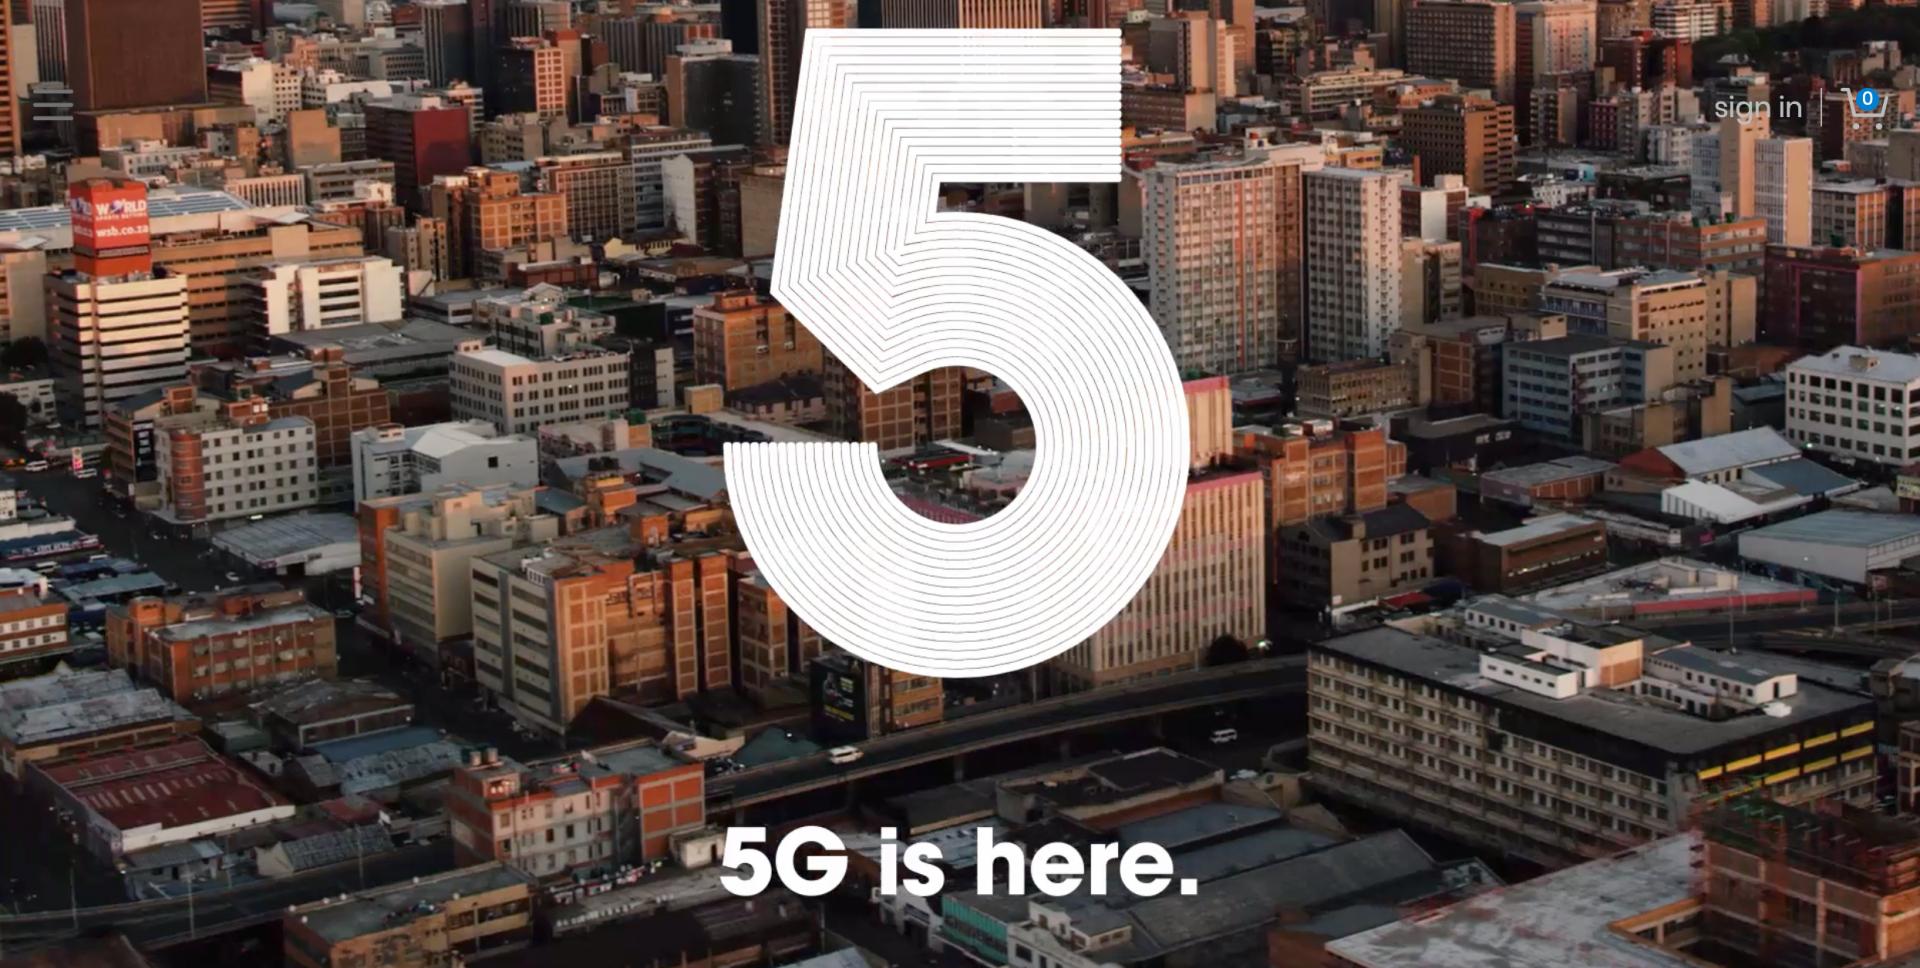 南非移动数据网络运营商 rain 在南非推出商用 5G 网络